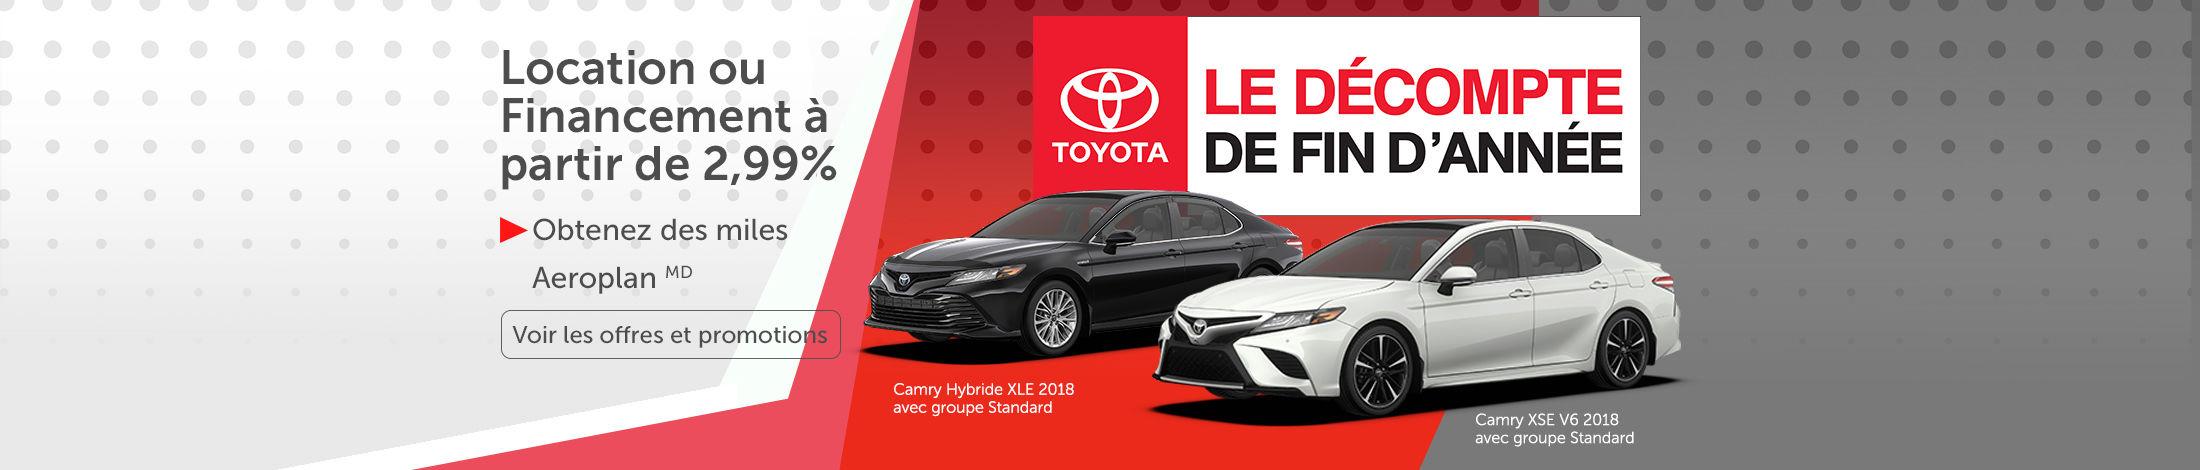 Le décompte de fin d'année Toyota